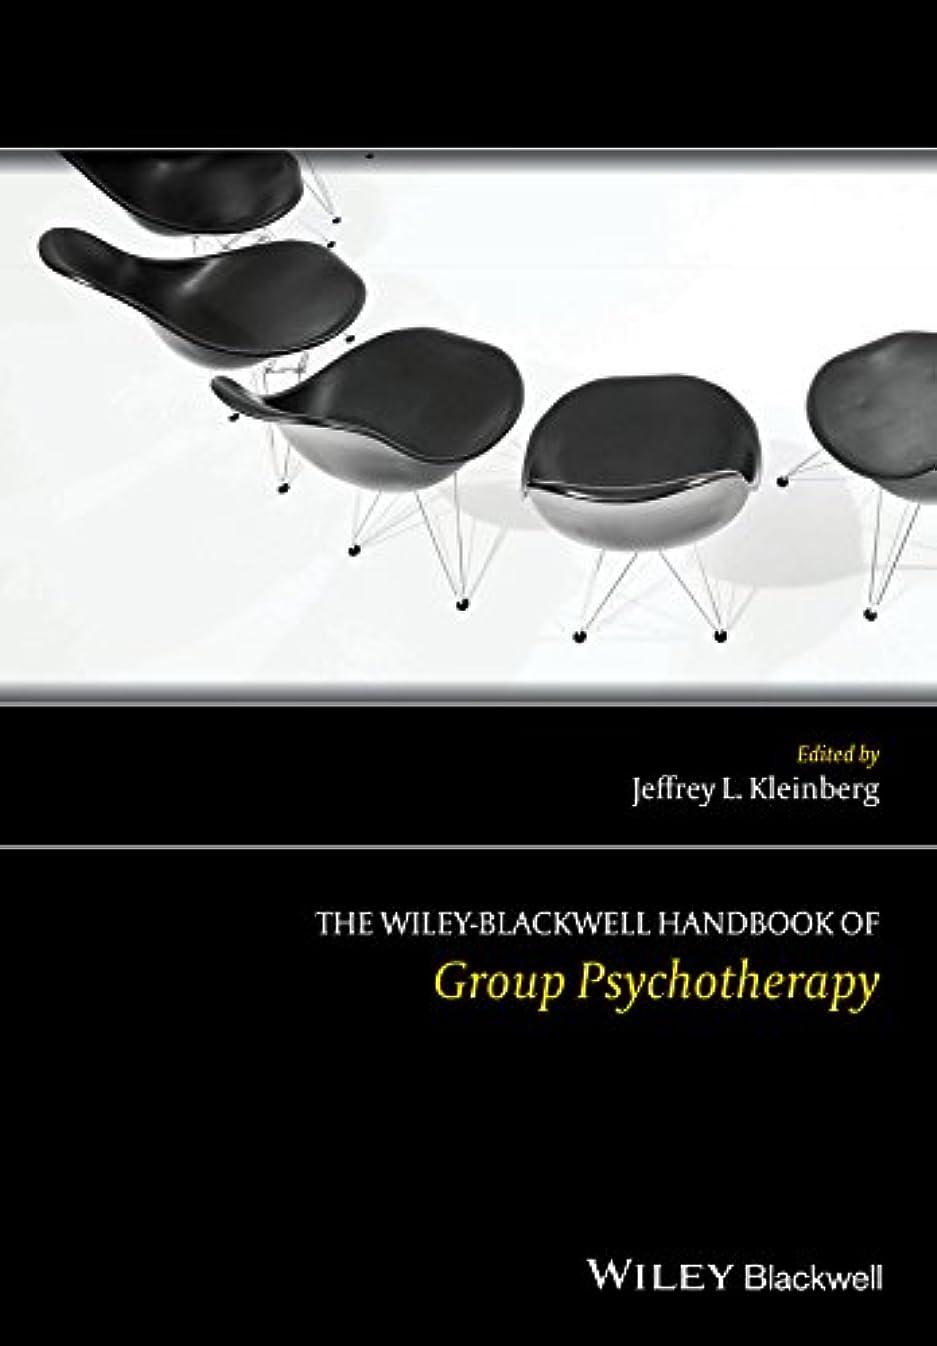 アフリカ人サーバント楽しませるThe Wiley-Blackwell Handbook of Group Psychotherapy (Wiley Clinical Psychology Handbooks)